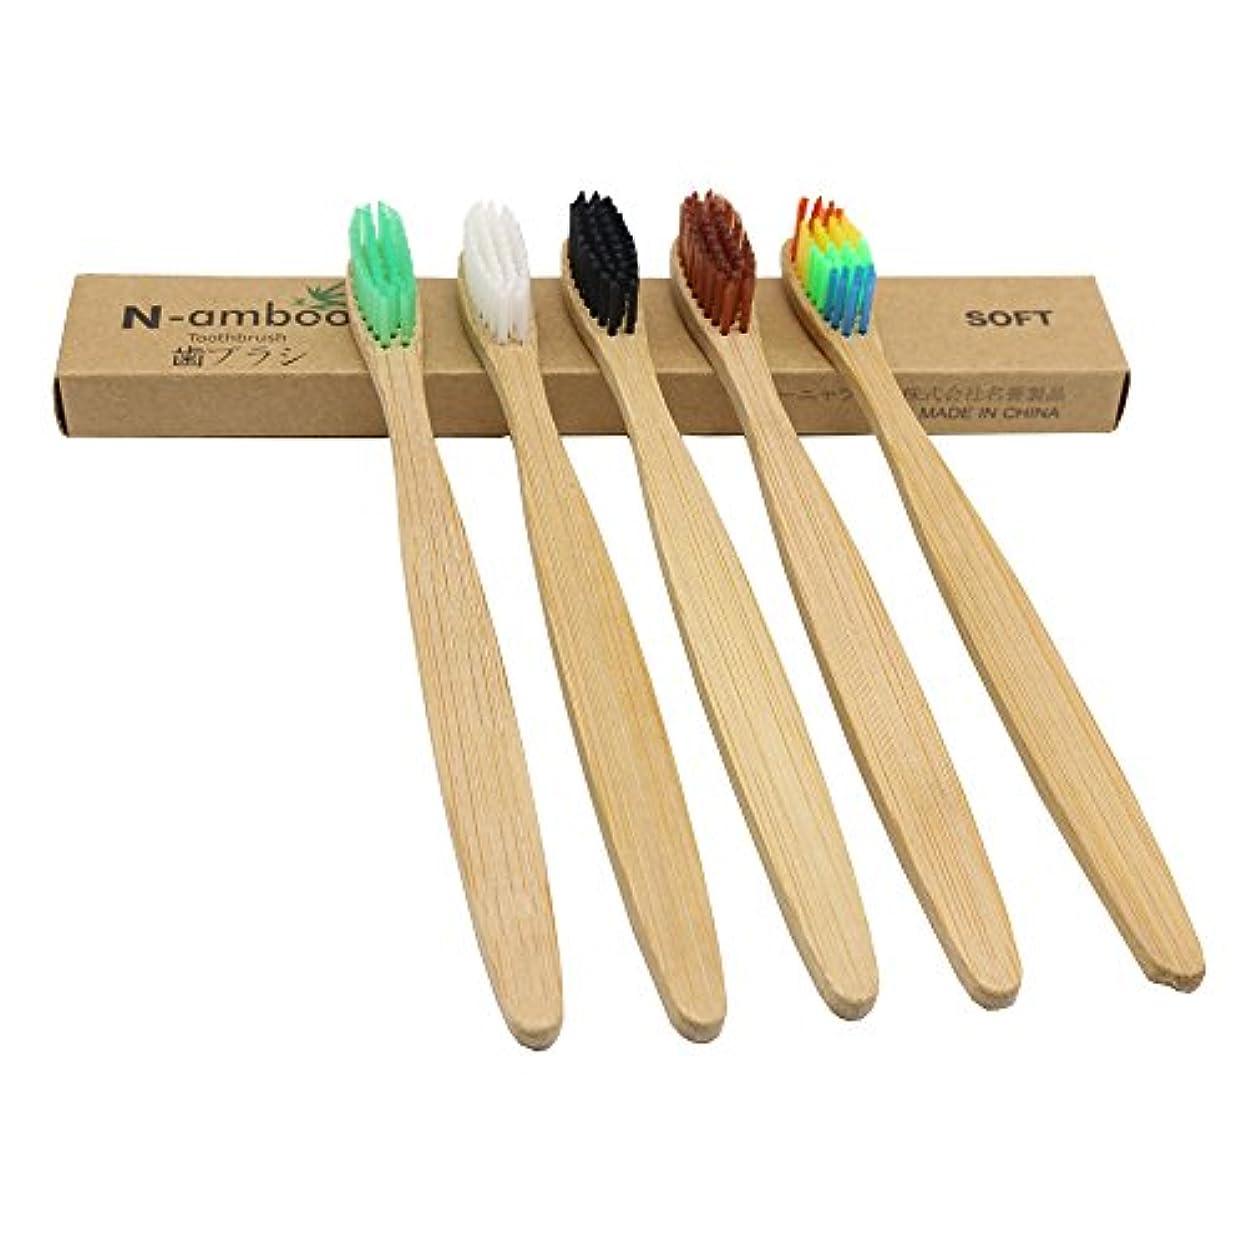 スペード菊ぬれたN-amboo 竹製 歯ブラシ 高耐久性 5種類 セット エコ 軽量 5本入り